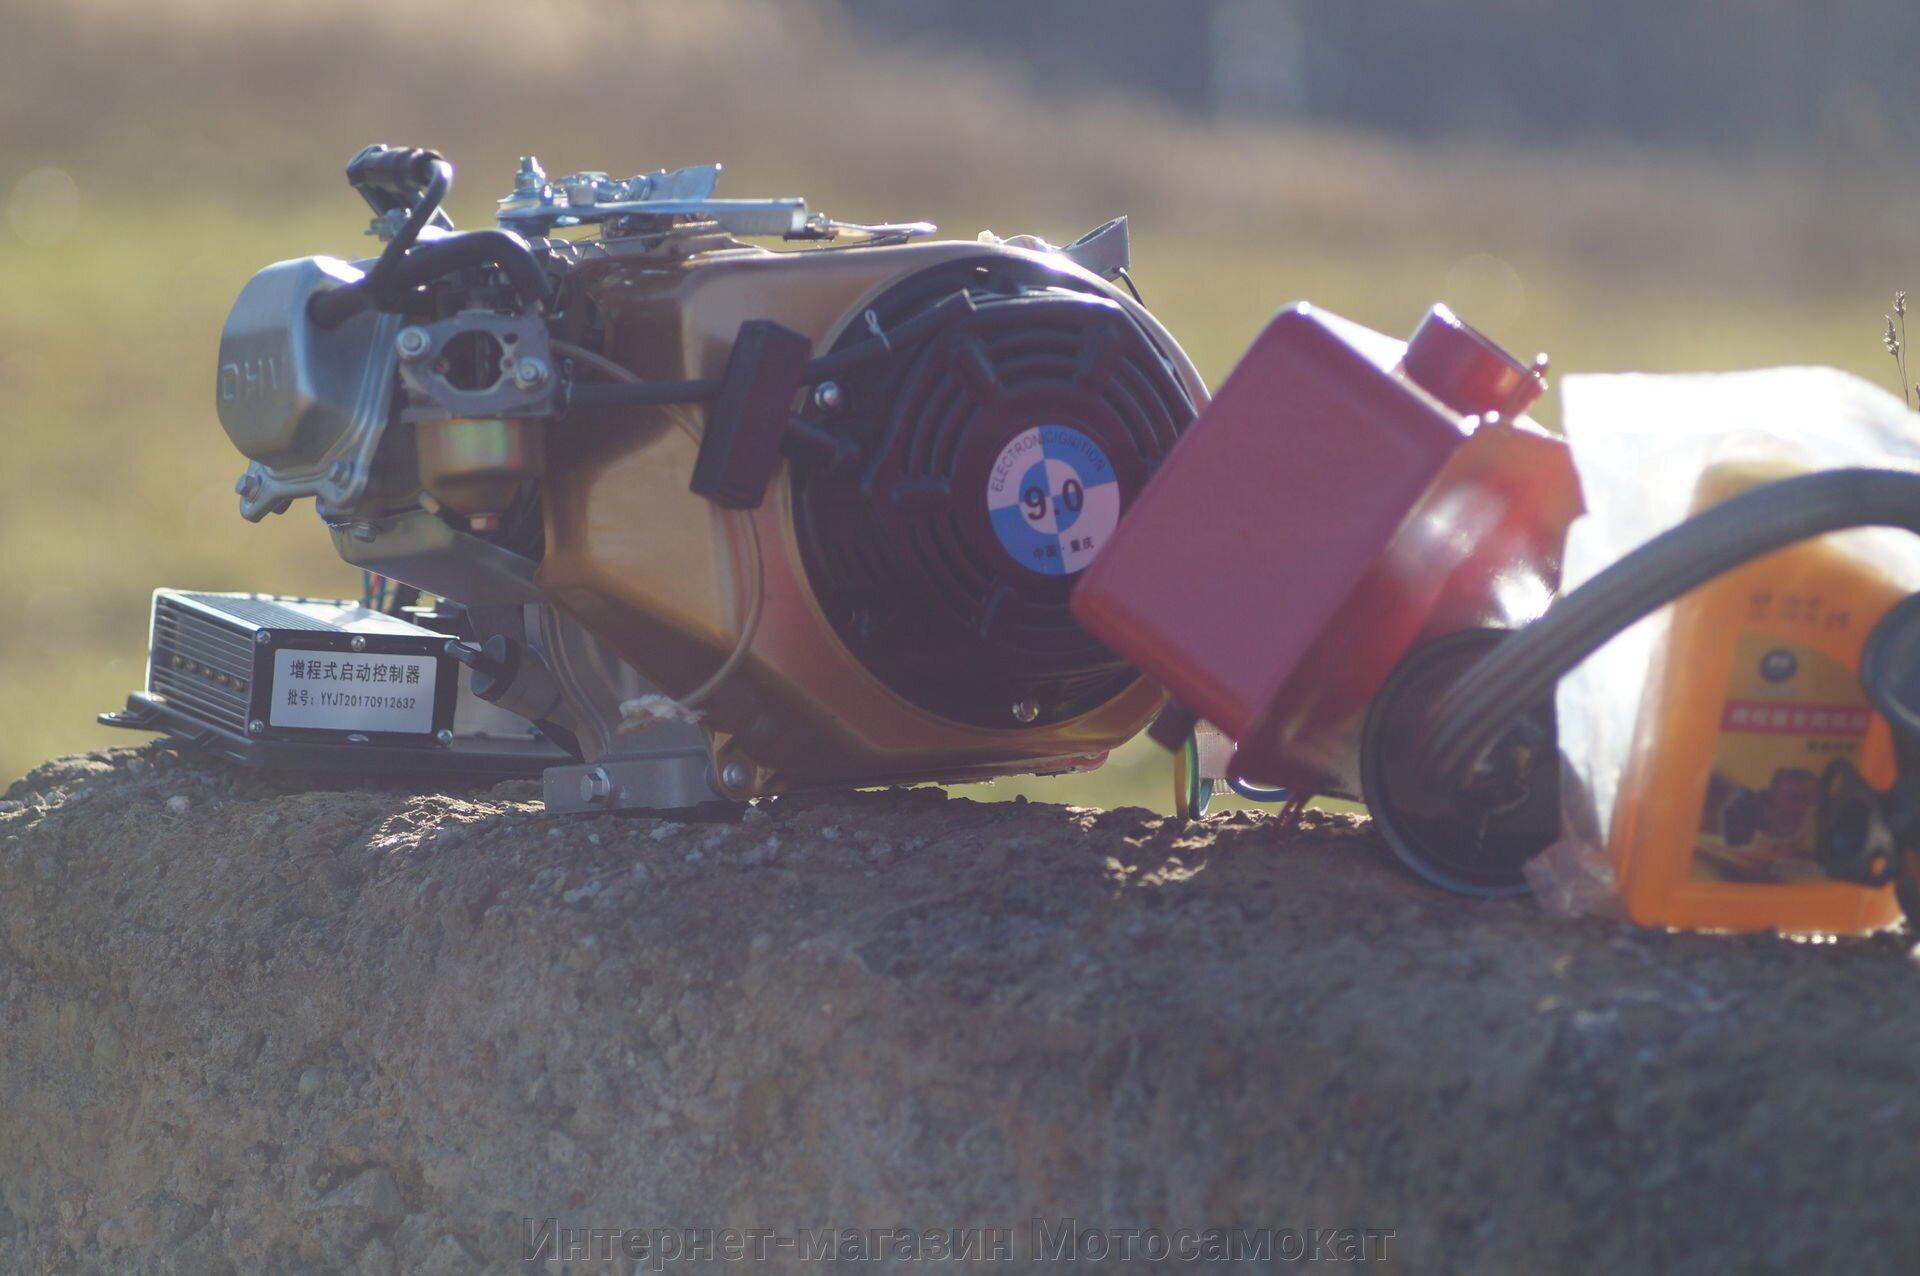 Бензогенератор постоянного напряжения для гибридов, 48-72 вольта, 4000 ватт.